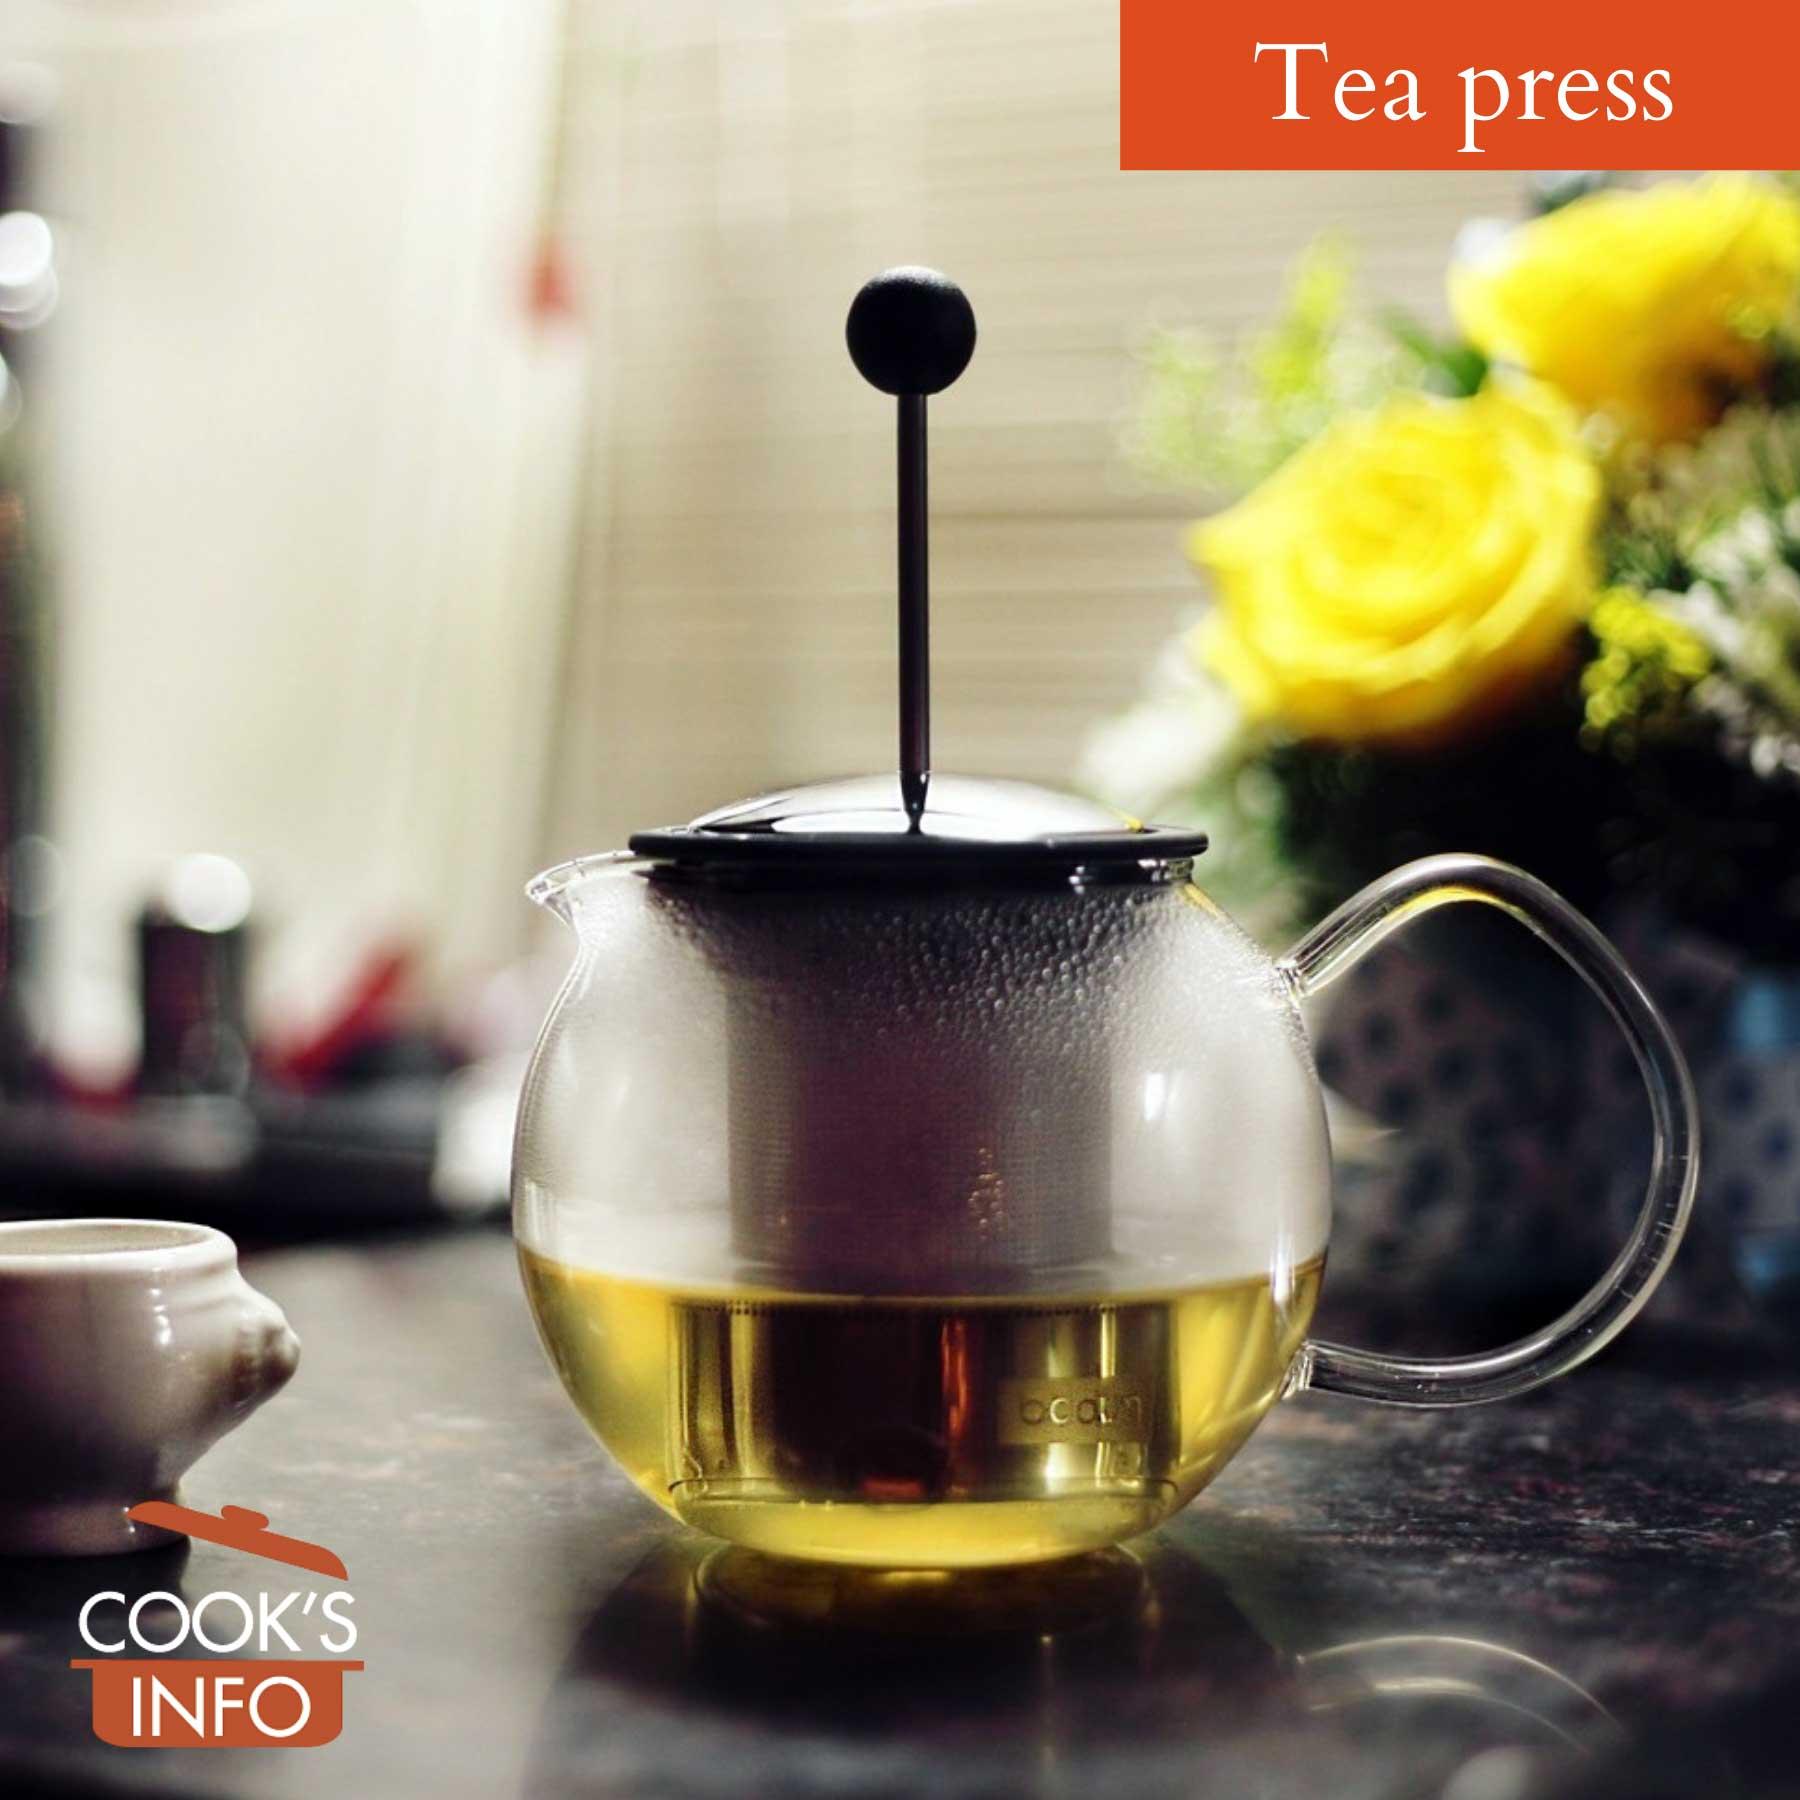 Tea press